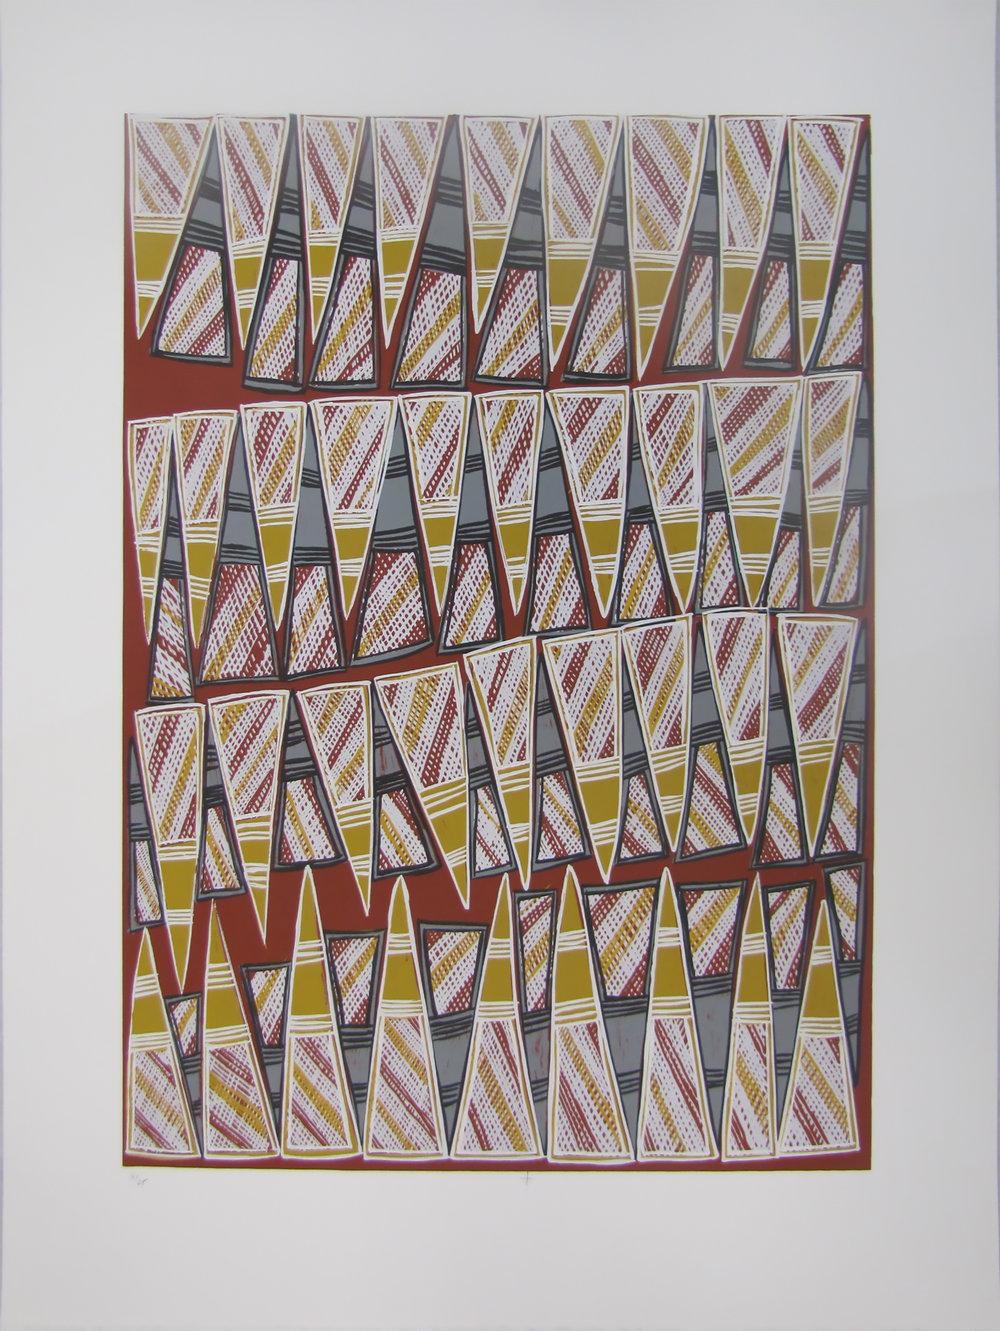 Dorothy Djukulul, Ngambi. 2016 Silkscreen. Ed 14/25, 59.5 x 42 cm. $350 (unframed) $550 (framed) Editions 15/20, 16/20 & 17/20 (unframed) also available